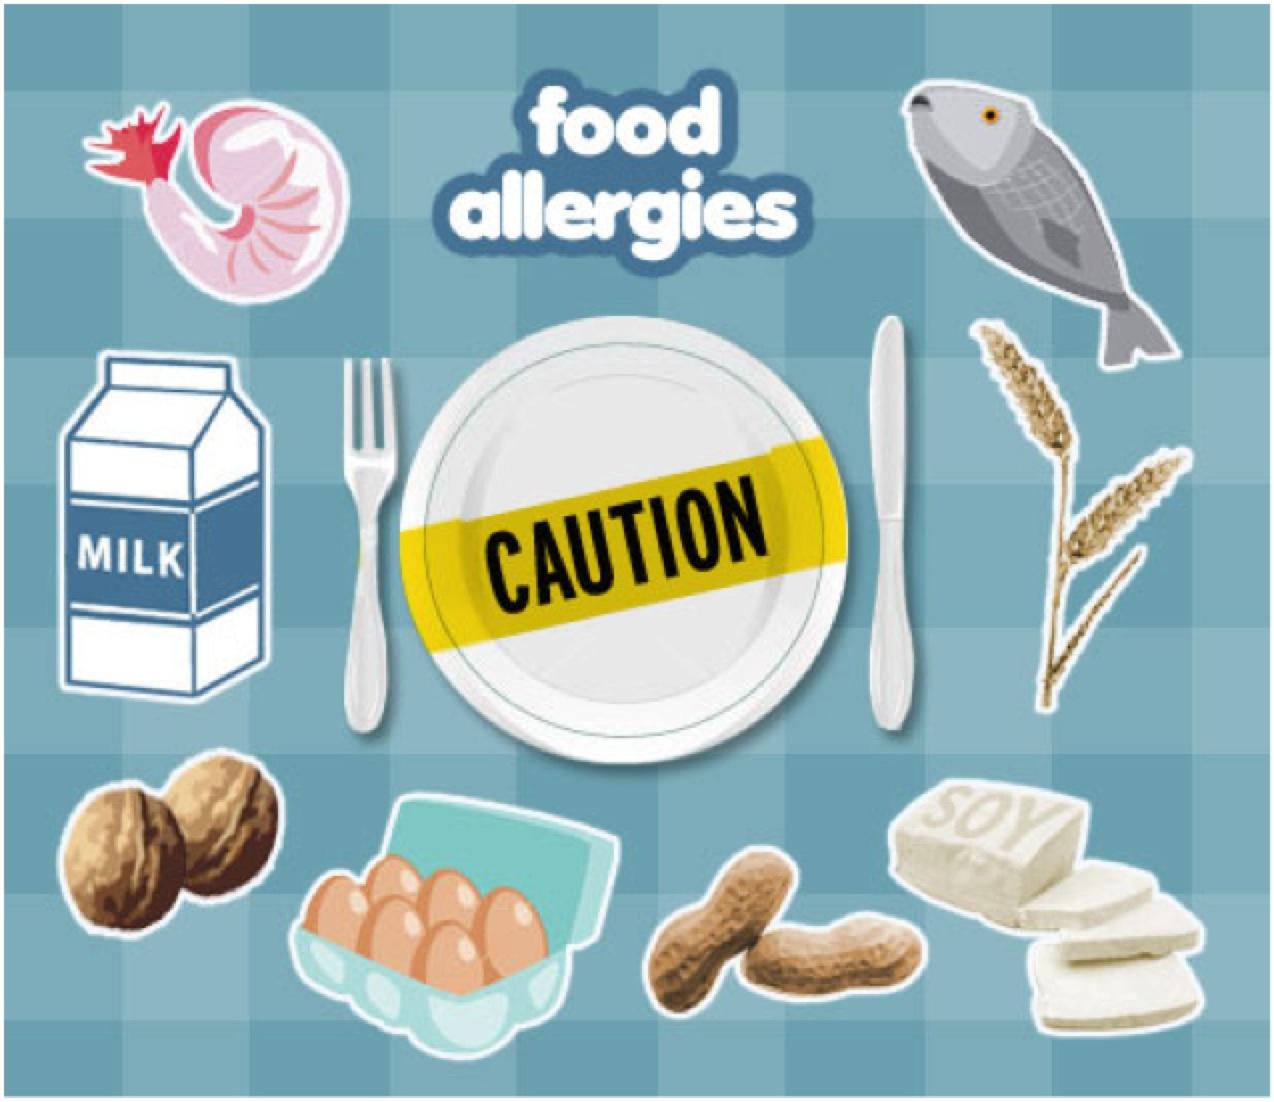 Mengenali Gejala dan Penyebab Alergi Makanan pada Bayi